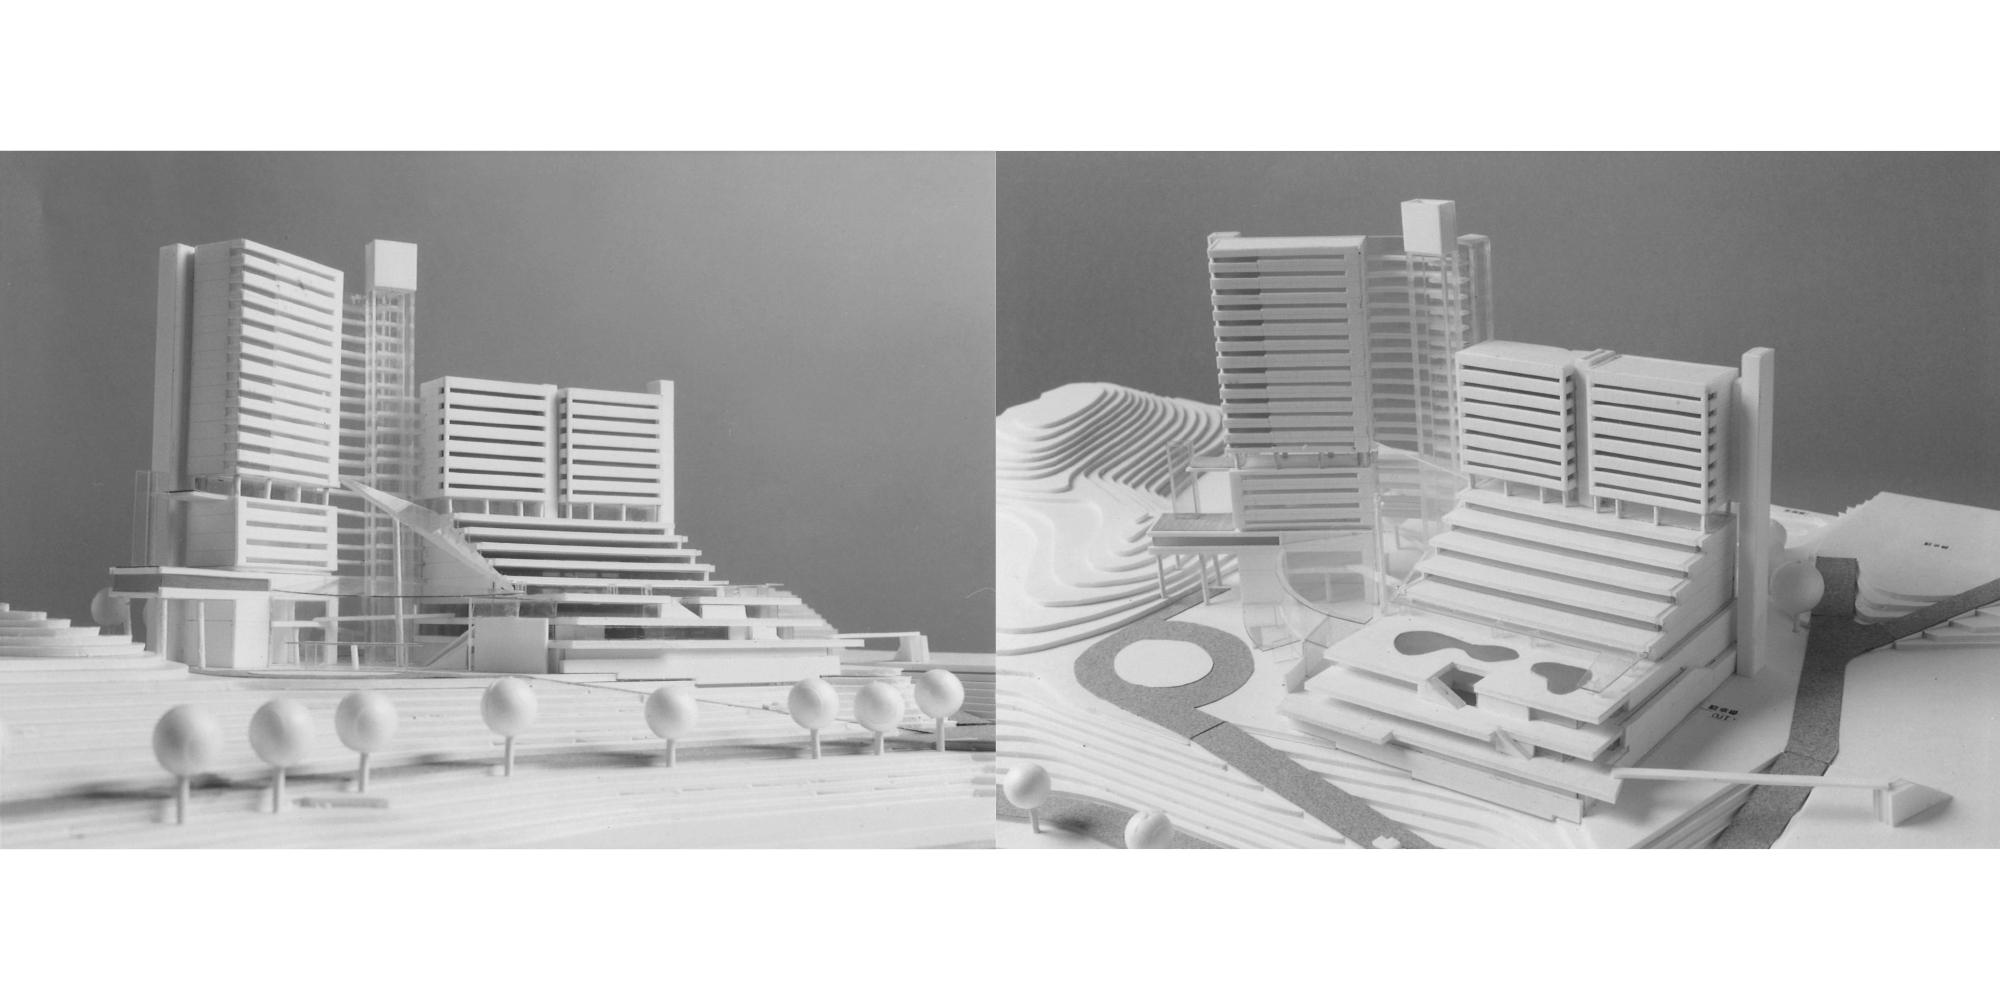 佐藤建築事務所「鷲羽山リゾートホテル計画案」